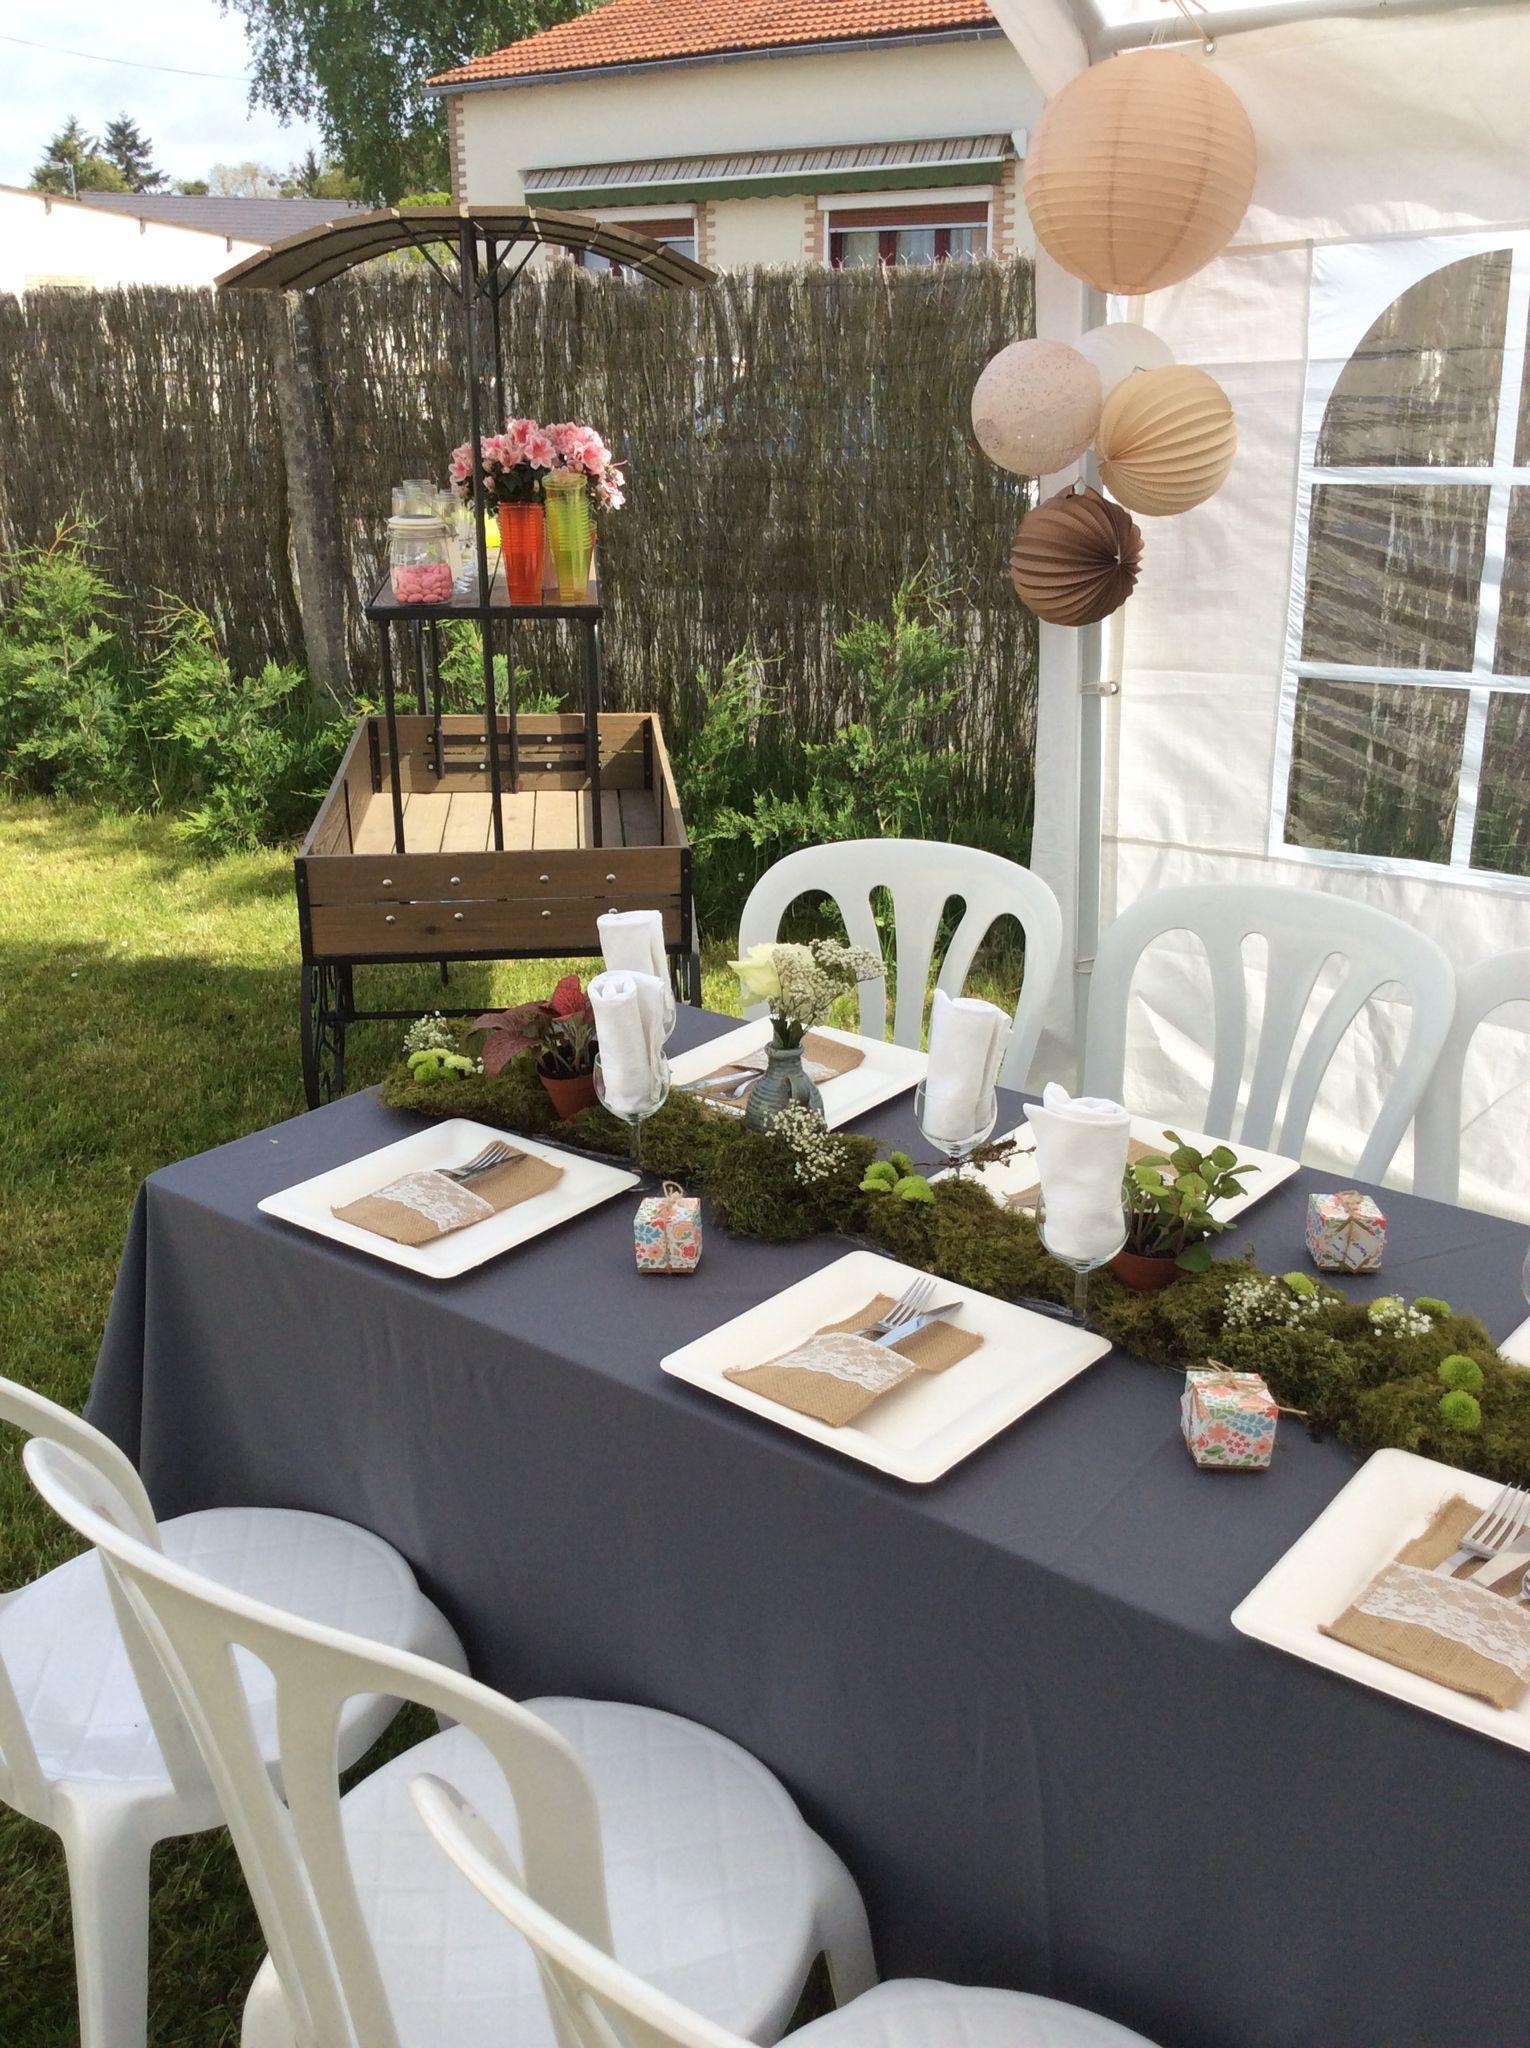 D coration printani re centre de table avec de la mousse - Mousse decoration ...